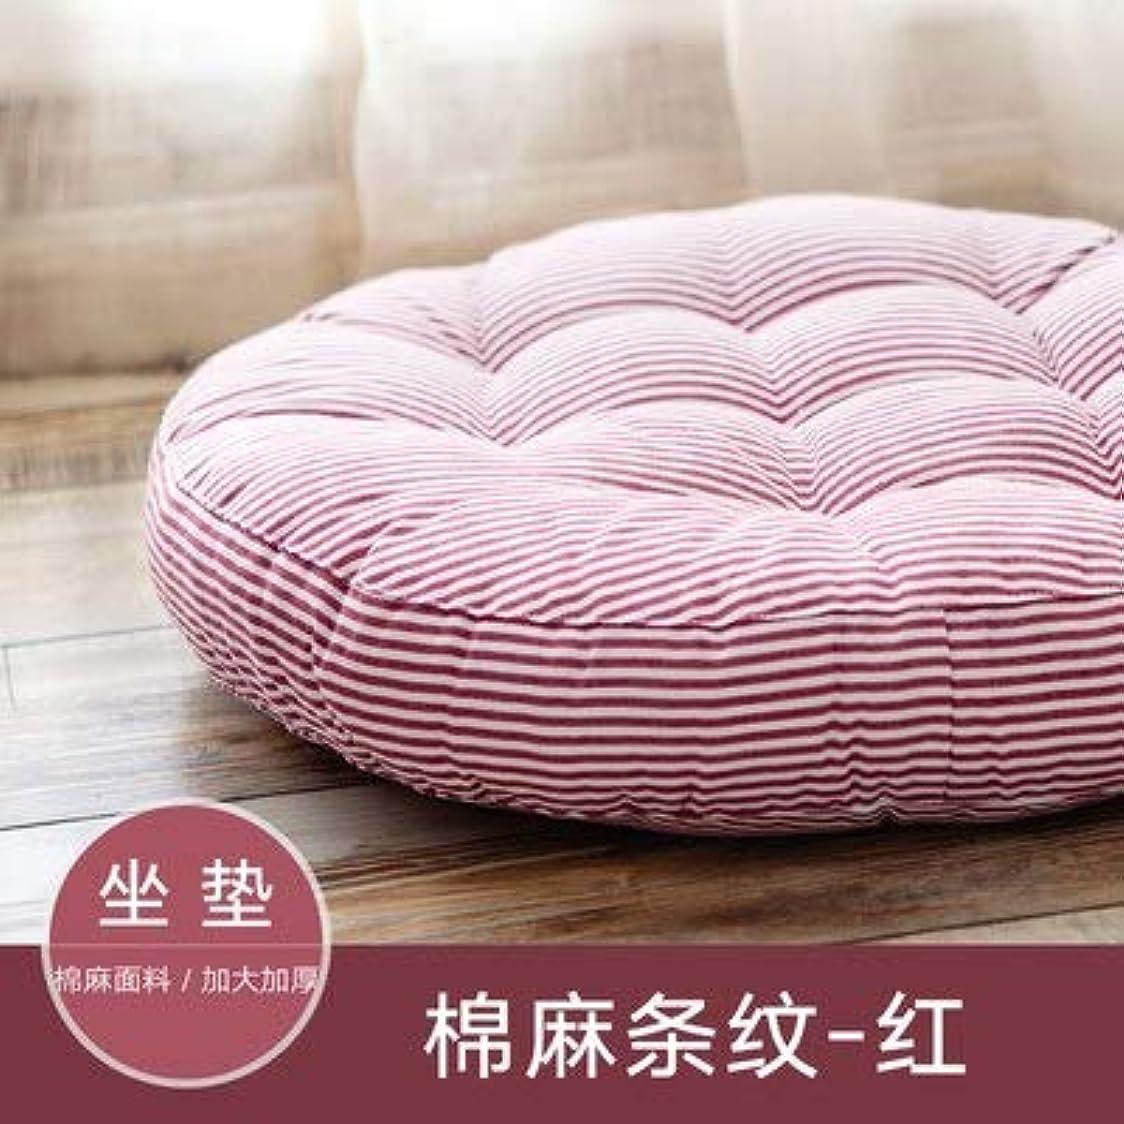 墓地キノコ喉頭LIFE ラウンド厚い椅子のクッションフロアマットレスシートパッドソフトホームオフィスチェアクッションマットソフトスロー枕最高品質の床クッション クッション 椅子